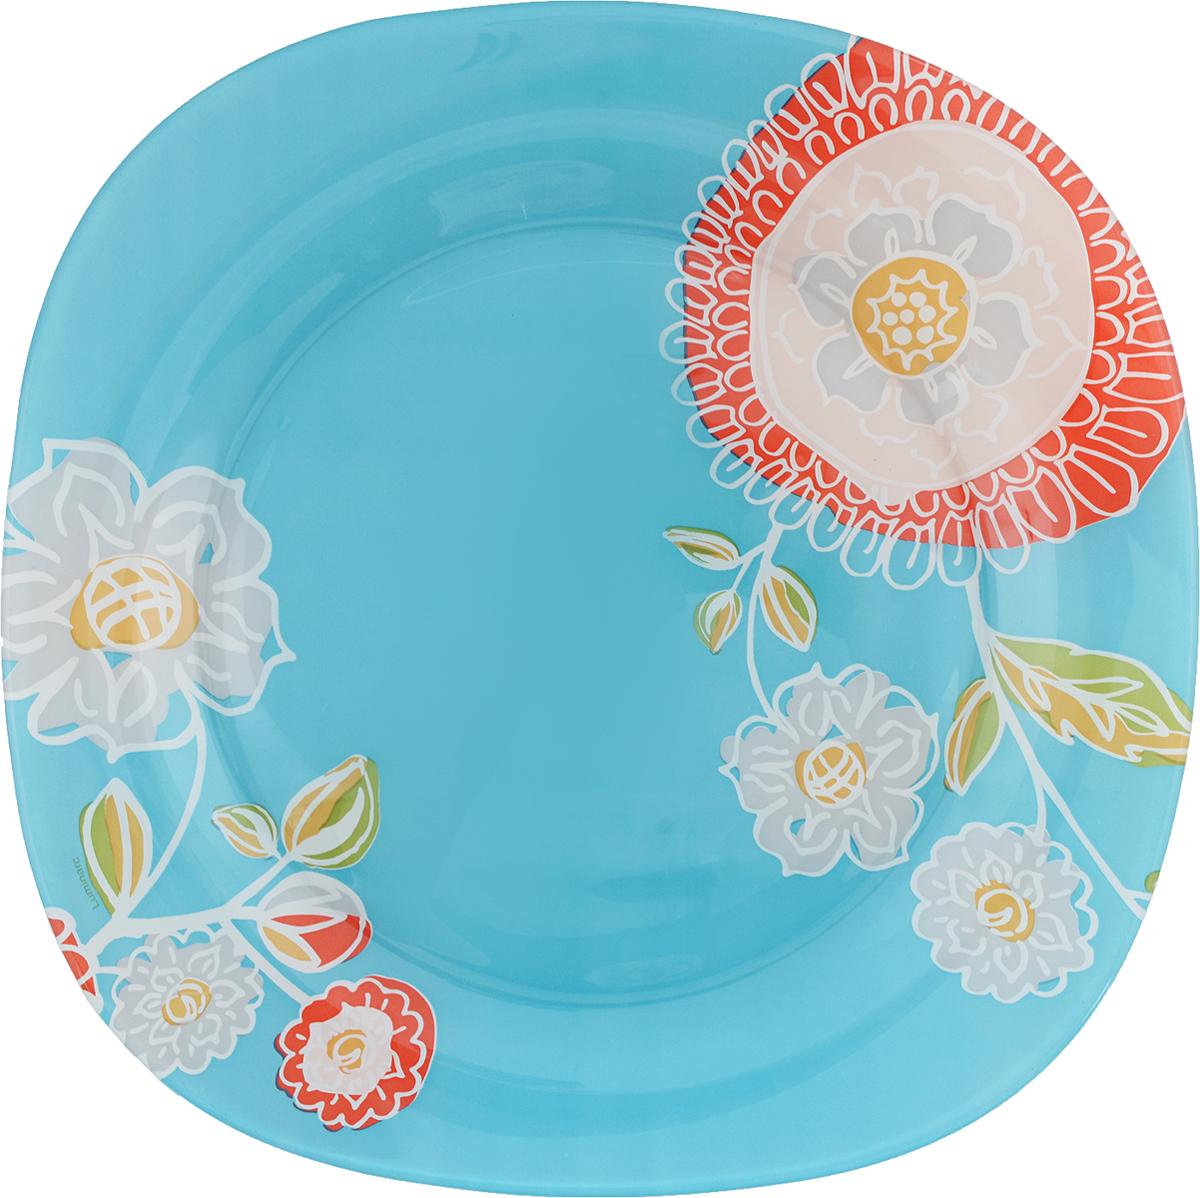 Тарелка обеденная Luminarc Silene Glass, 25 х 25 смVT-1520(SR)Обеденная тарелка Luminarc Silene Glass изготовлена из высококачественного стекла. Изделие сочетает в себе изысканный дизайн с максимальной функциональностью. Тарелка прекрасно впишется в интерьер вашей кухни и станет достойным дополнением к кухонному инвентарю. Такое изделие не только украсит ваш кухонный стол и подчеркнет прекрасный вкус хозяйки, но истанет отличным подарком.Размер тарелки: 25 х 25 см.Высота тарелки: 1,5 см.